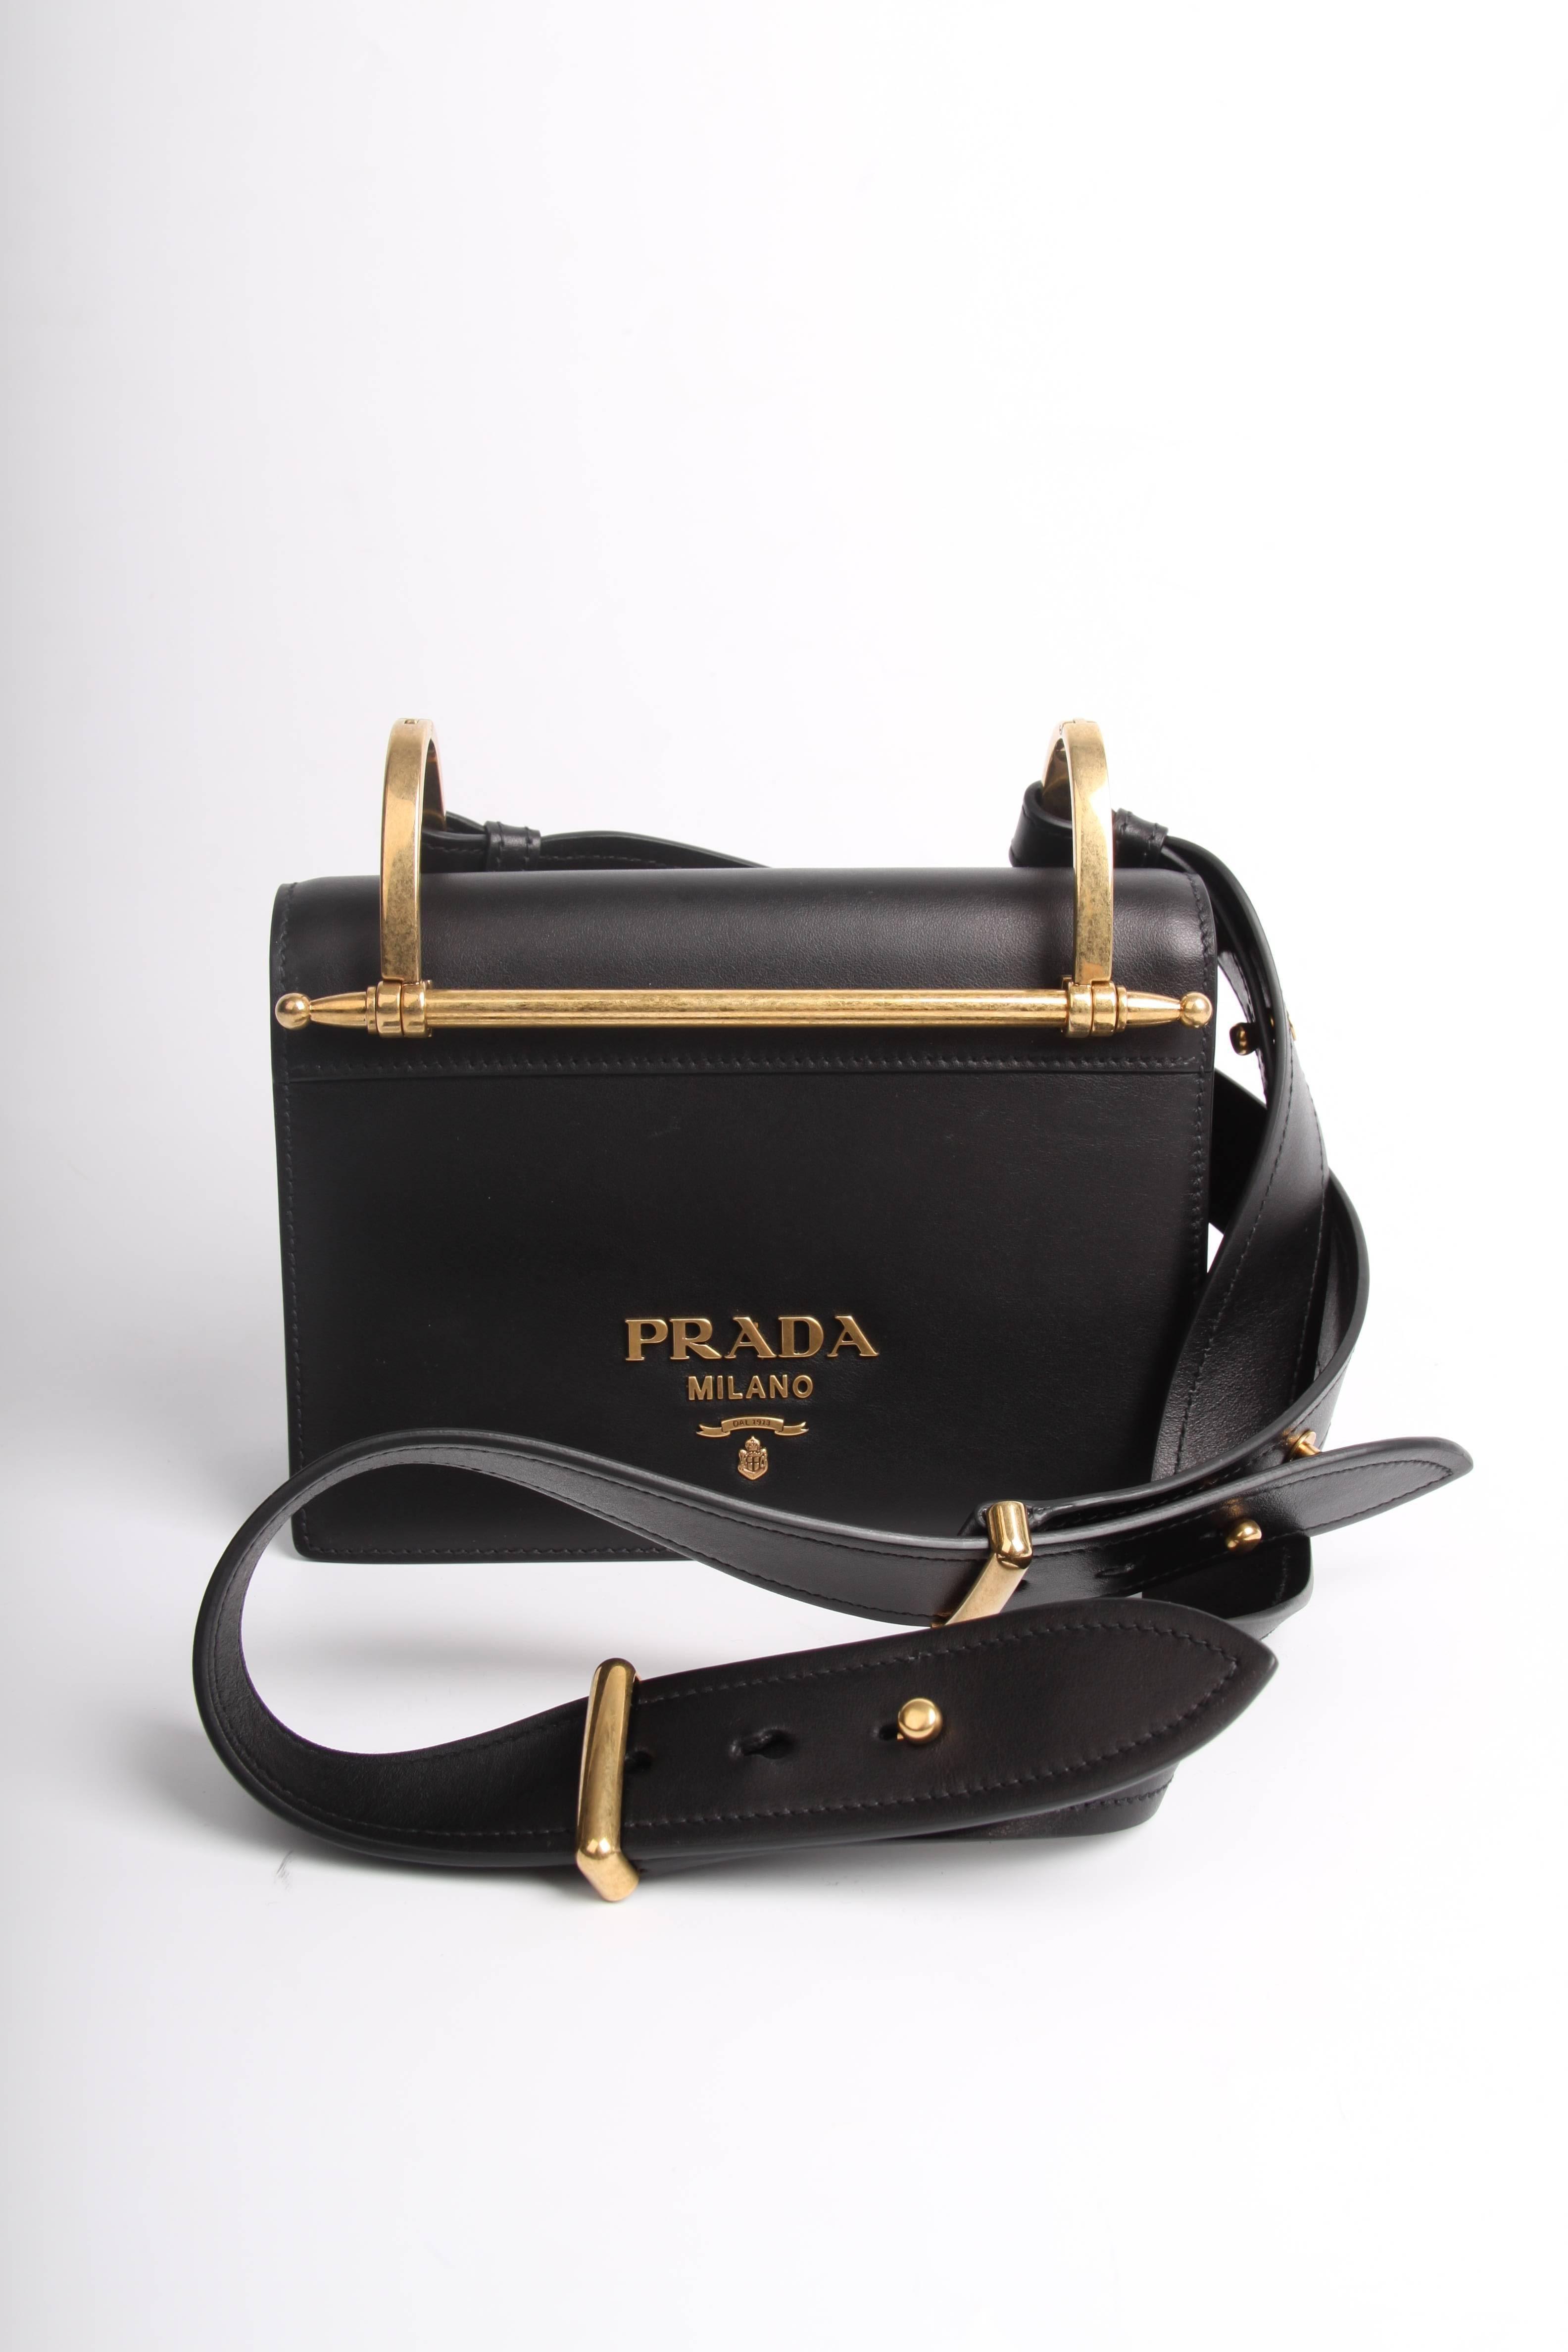 Prada Antic Soft Shoulder Bag - black 2018 For Sale at 1stdibs 5bffdf1139716